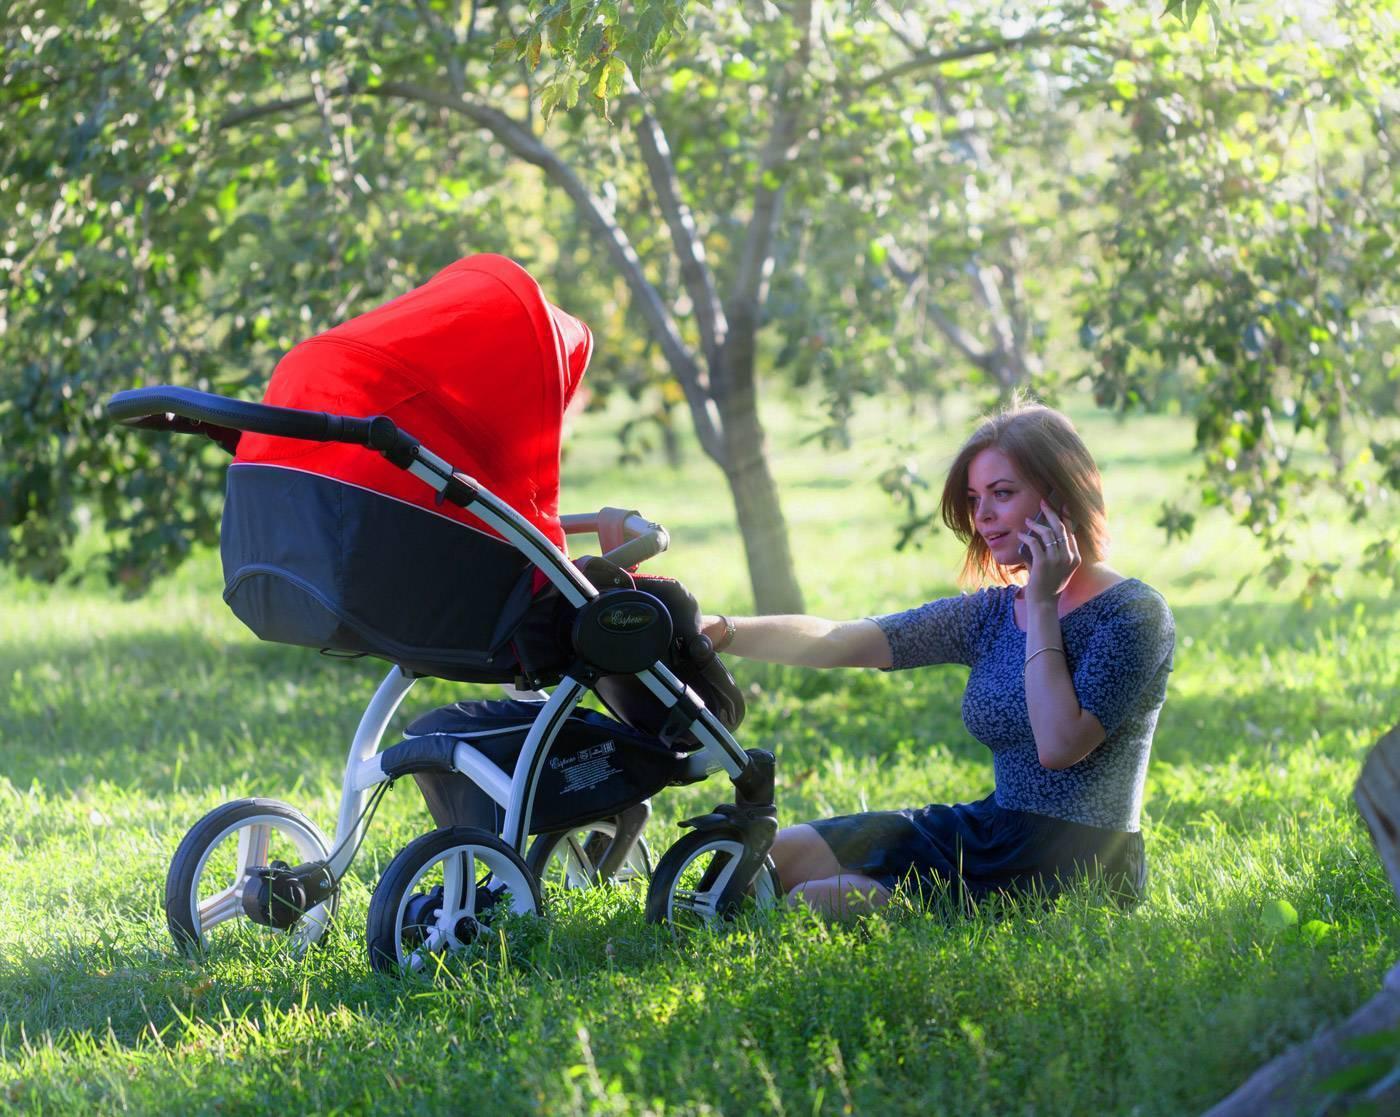 Коляска люлька на весну-лето - запись пользователя ирина (grib345) в сообществе выбор товаров в категории коляски (только вопросы и выбор) - babyblog.ru